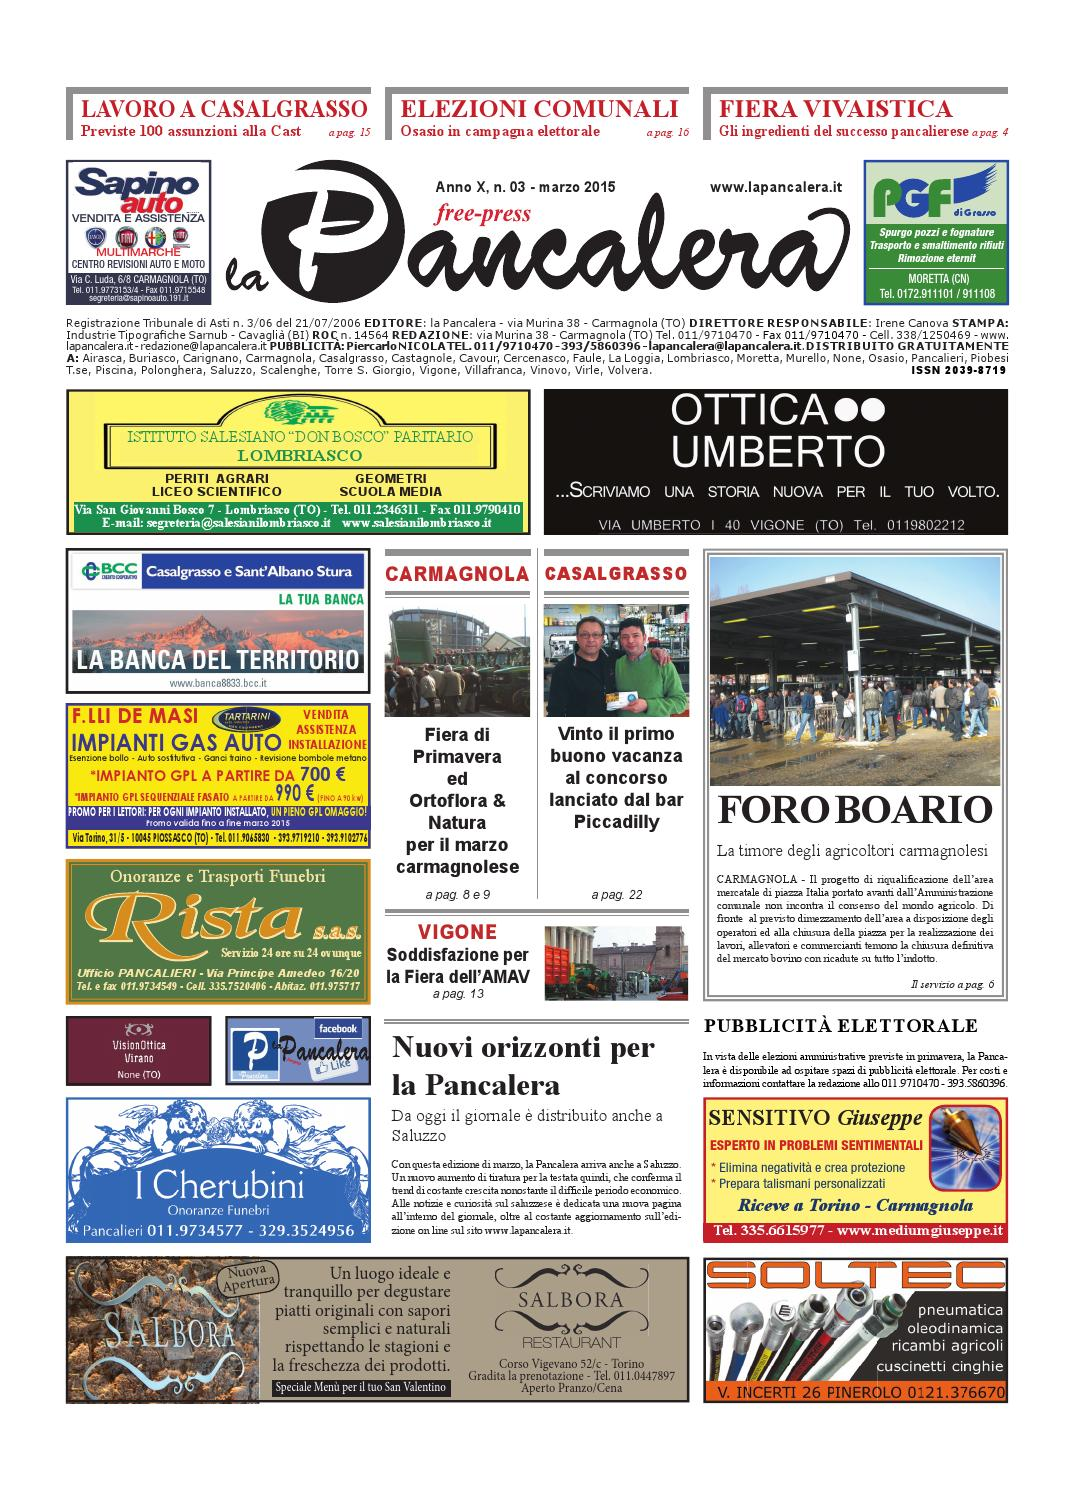 La pancalera marzo 2015 by la Pancalera - issuu 954734be5ed